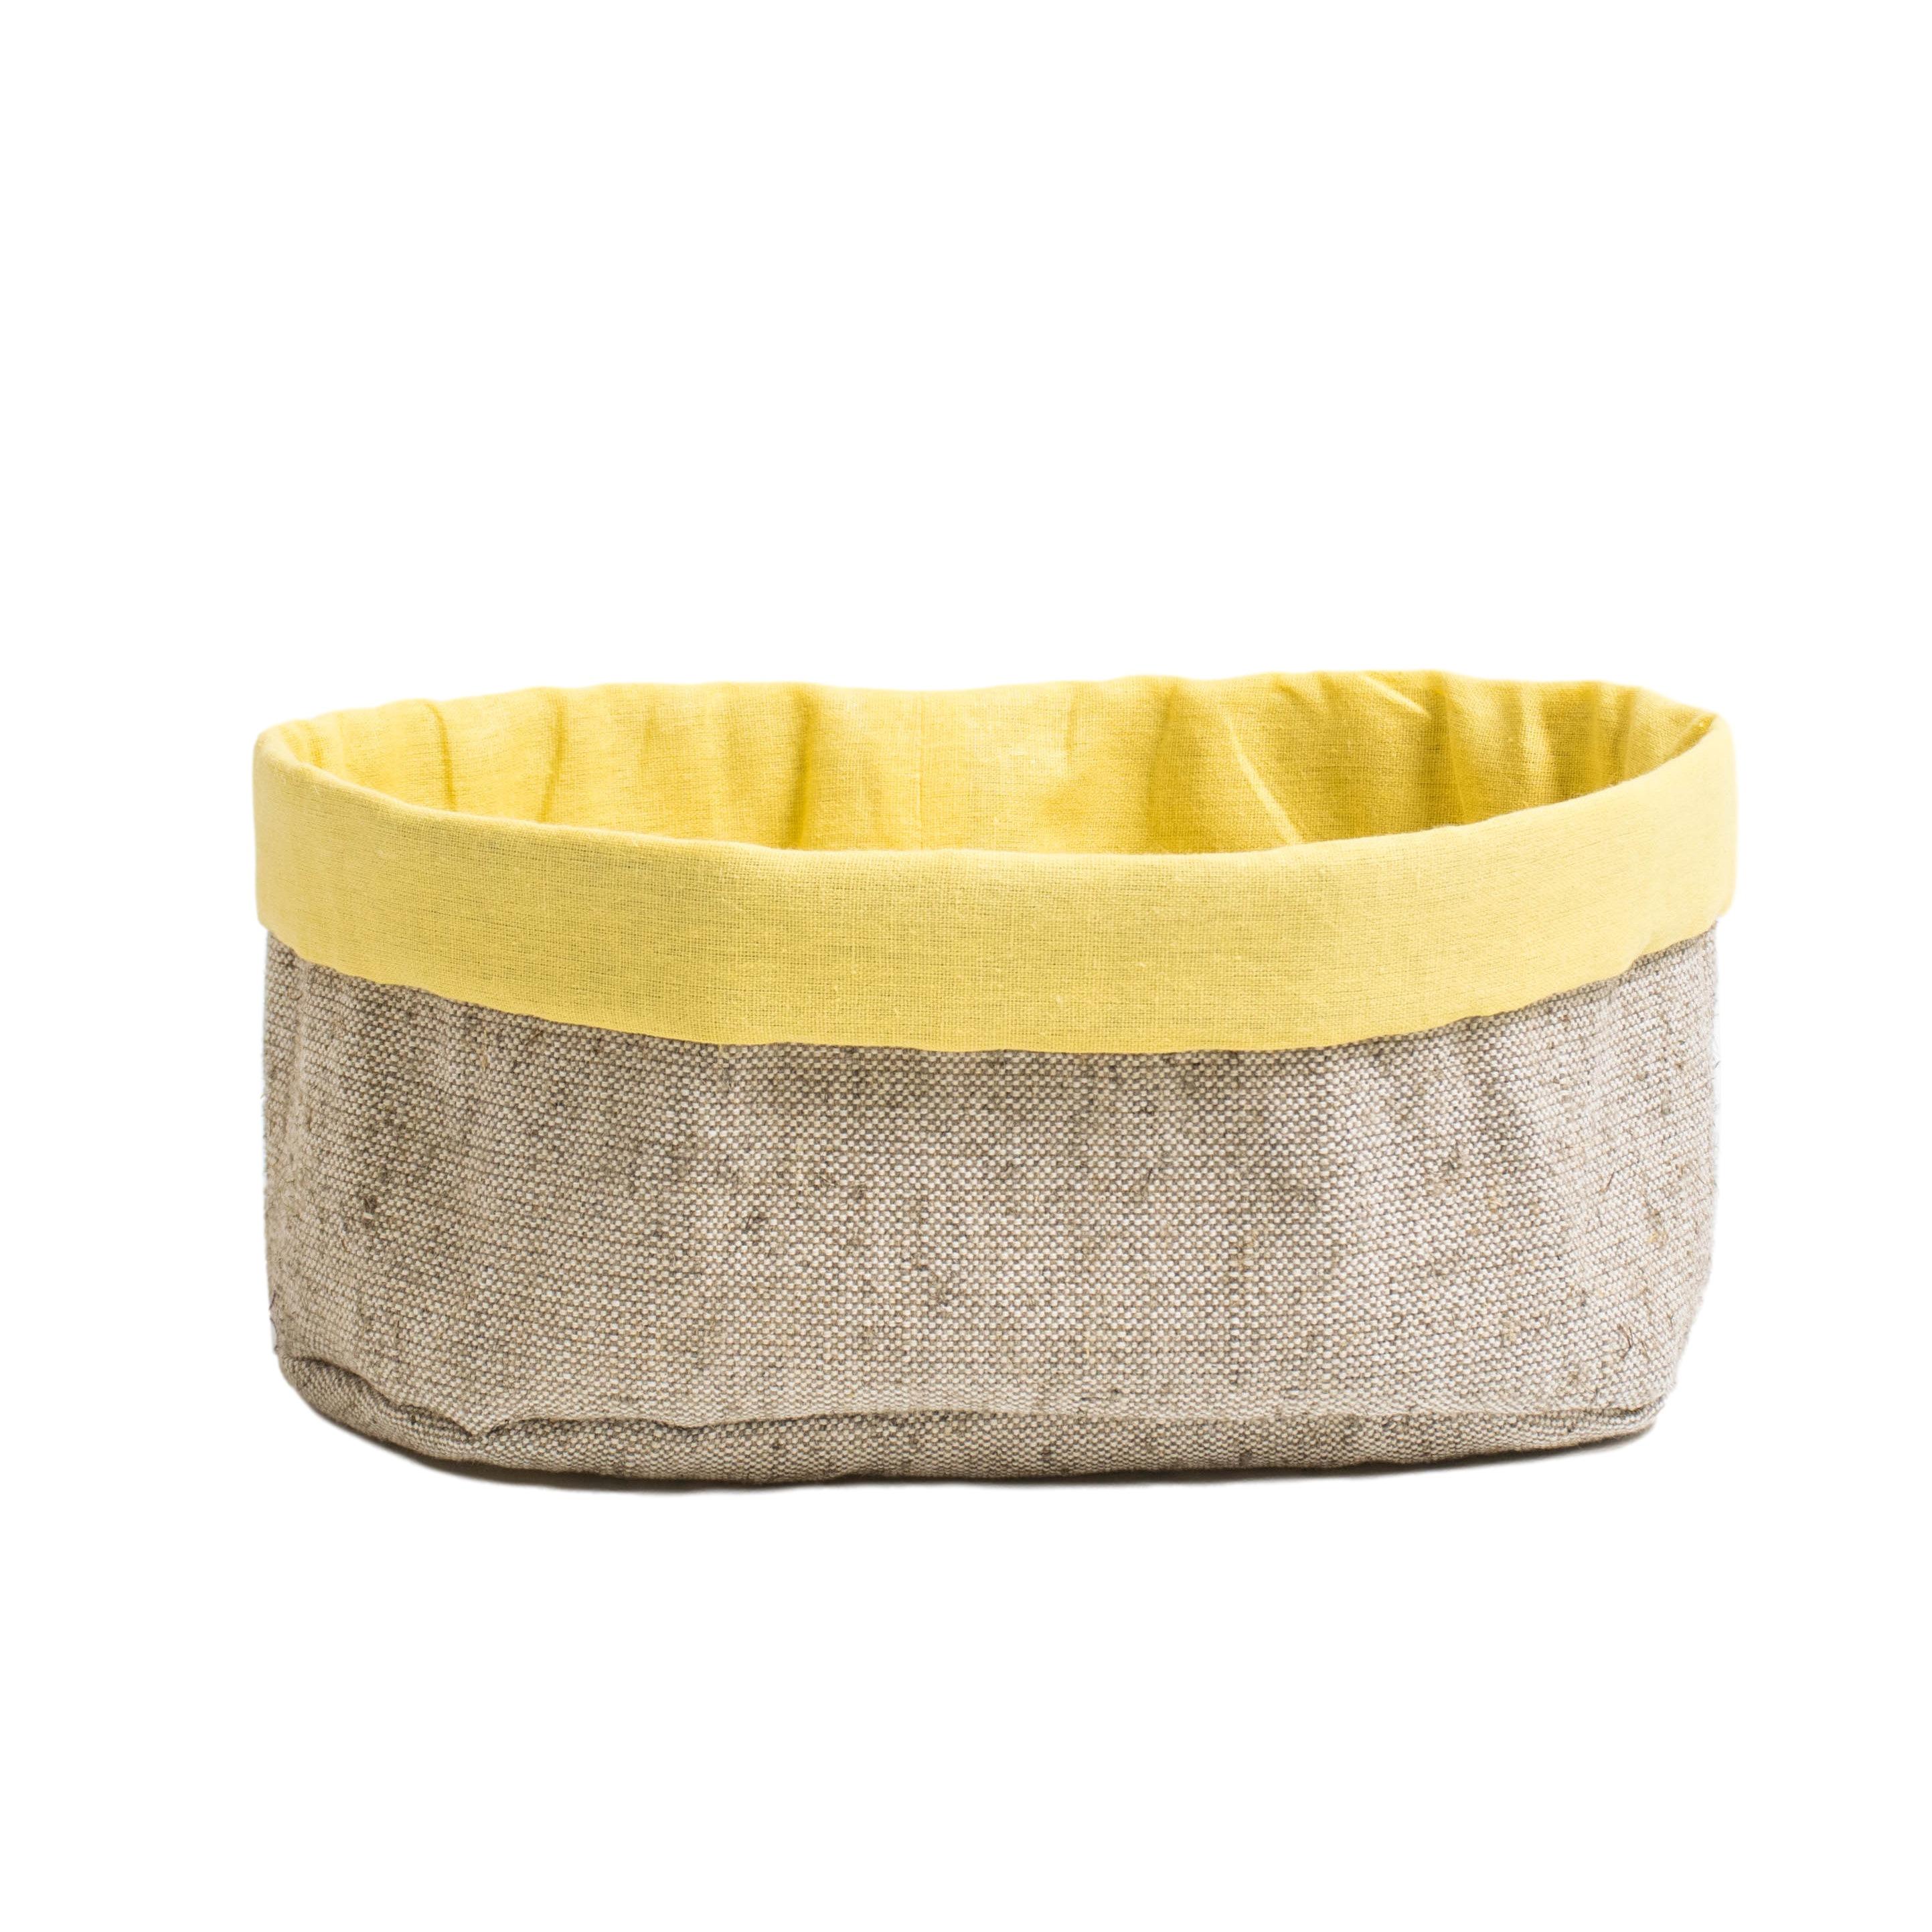 Хлебница ПровансАксессуары для кухни<br>Хлебница «Прованс» с жёлтой вставкой<br><br>Хлебница «Прованс» удобный аксессуар не только для подачи хлеба к столу, но и хранения.<br><br>Всем известно, что хлеб любит только натуральные материалы — хлопок и лён, поскольку они позволяют сохранить аромат и мягкость. Если во время трапезы не все нарезанные кусочки хлеба успели съесть, то спасти хлебобулочные изделия от зачерствения можно просто накрыв их льняным полотенцем прямо в хлебнице.&amp;amp;nbsp;<br><br>Material: Хлопок<br>Width см: 10<br>Depth см: 12<br>Height см: 30